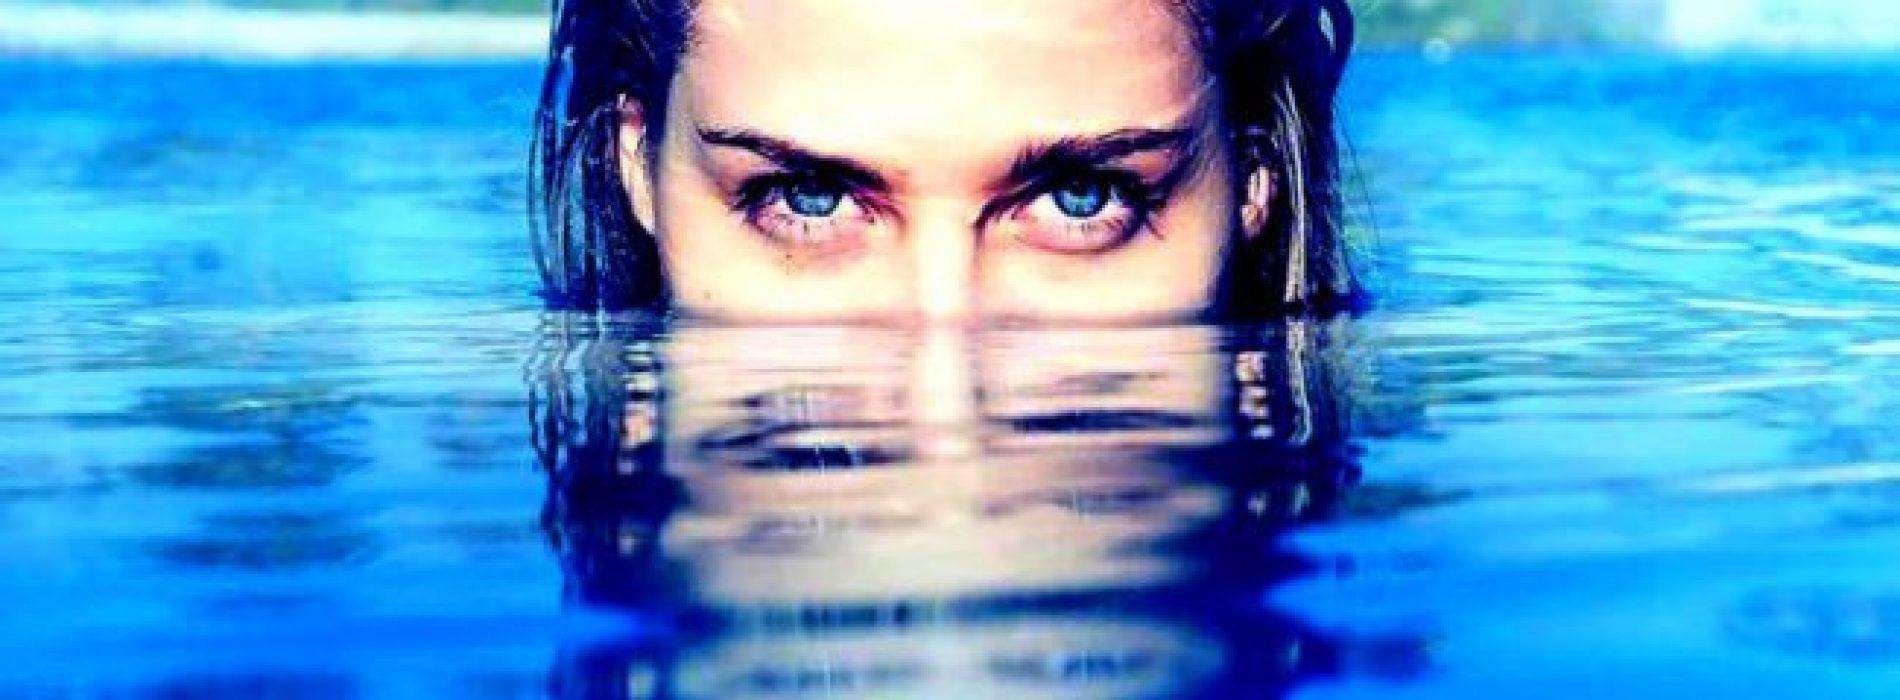 Empathische en energiegevoelige mensen hebben baat bij dicht bij een watermassa te zijn